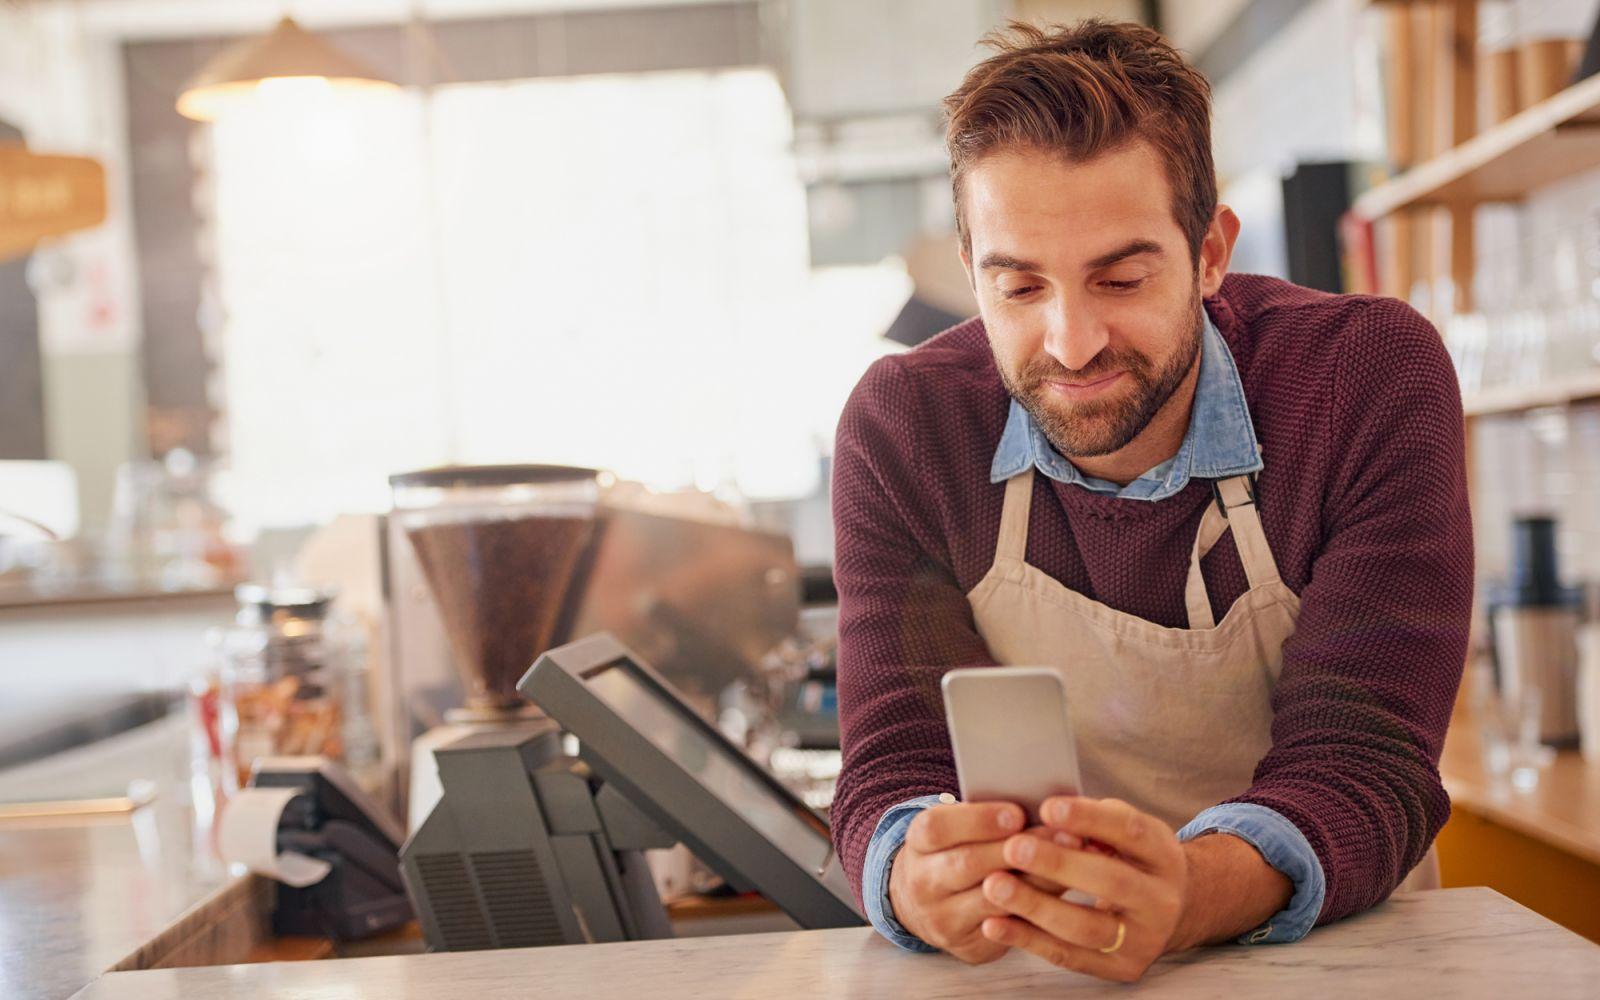 Касса в смартфоне. Что принесет электронное новшество бизнесменам и потр...